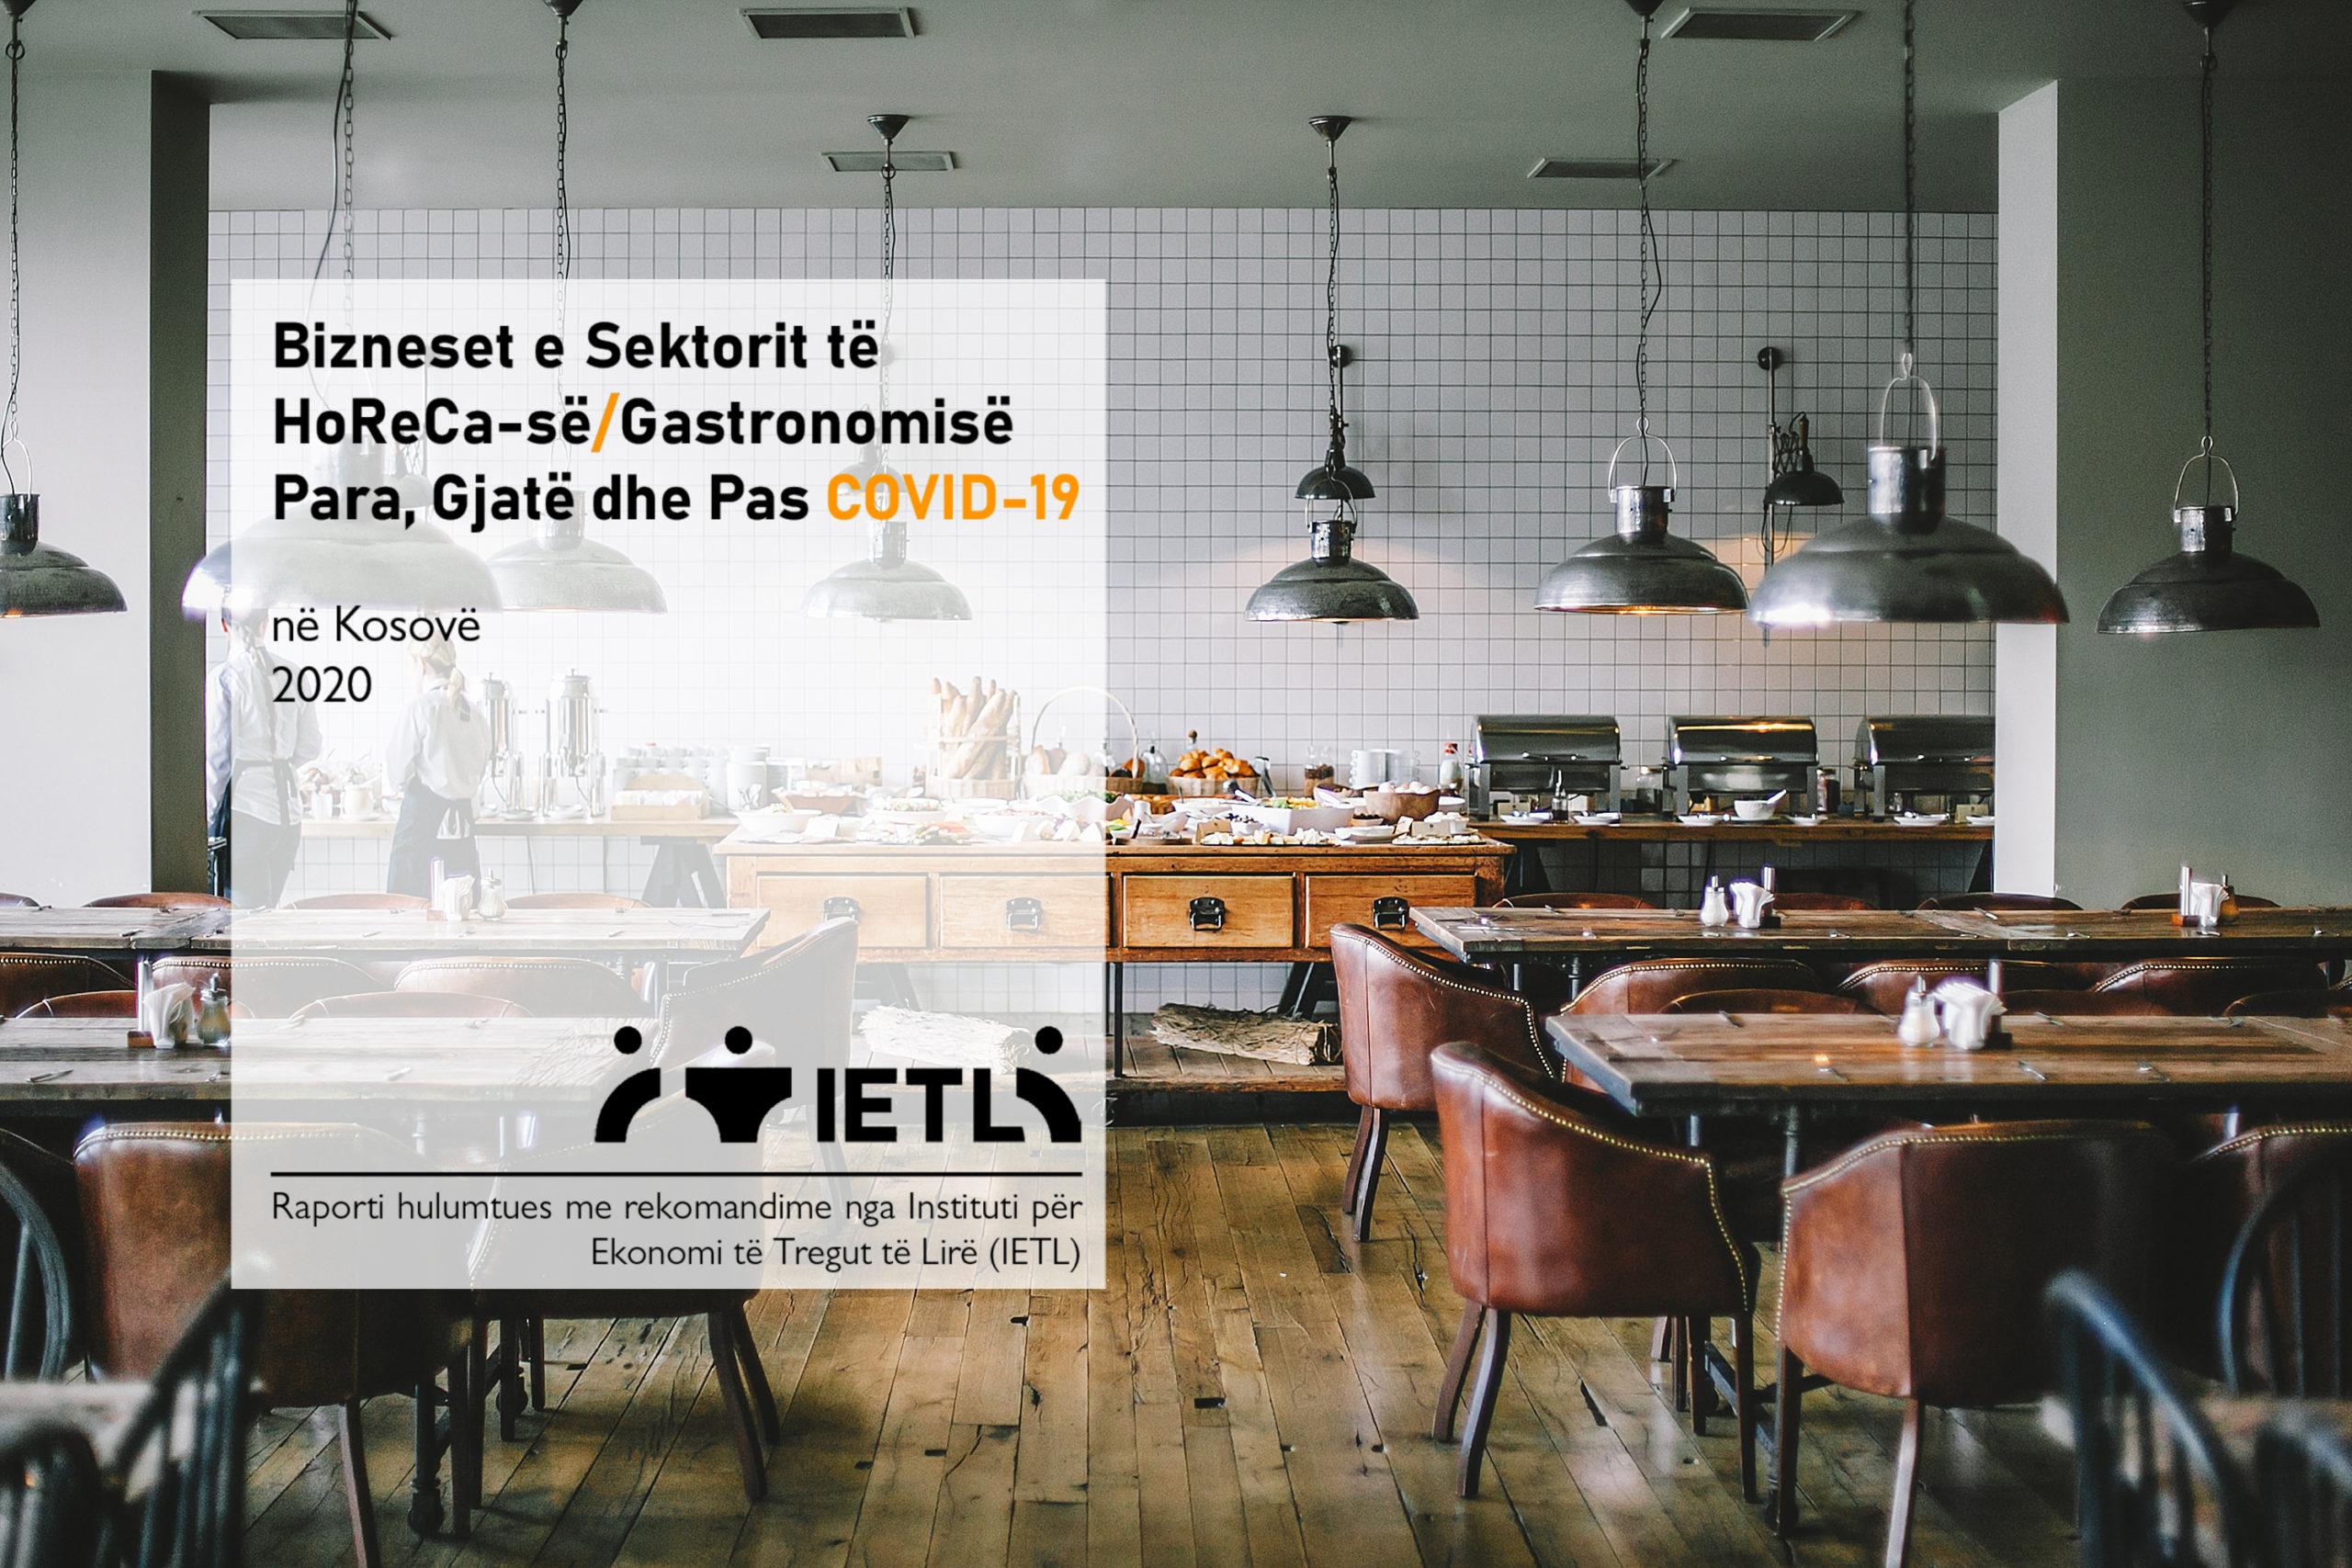 IETL publikon raportin hulumtues mbi Ndikimin e pandemisë COVID-19 në bizneset e sektorit të HoReCa-së/Gastronomisë në Kosovë